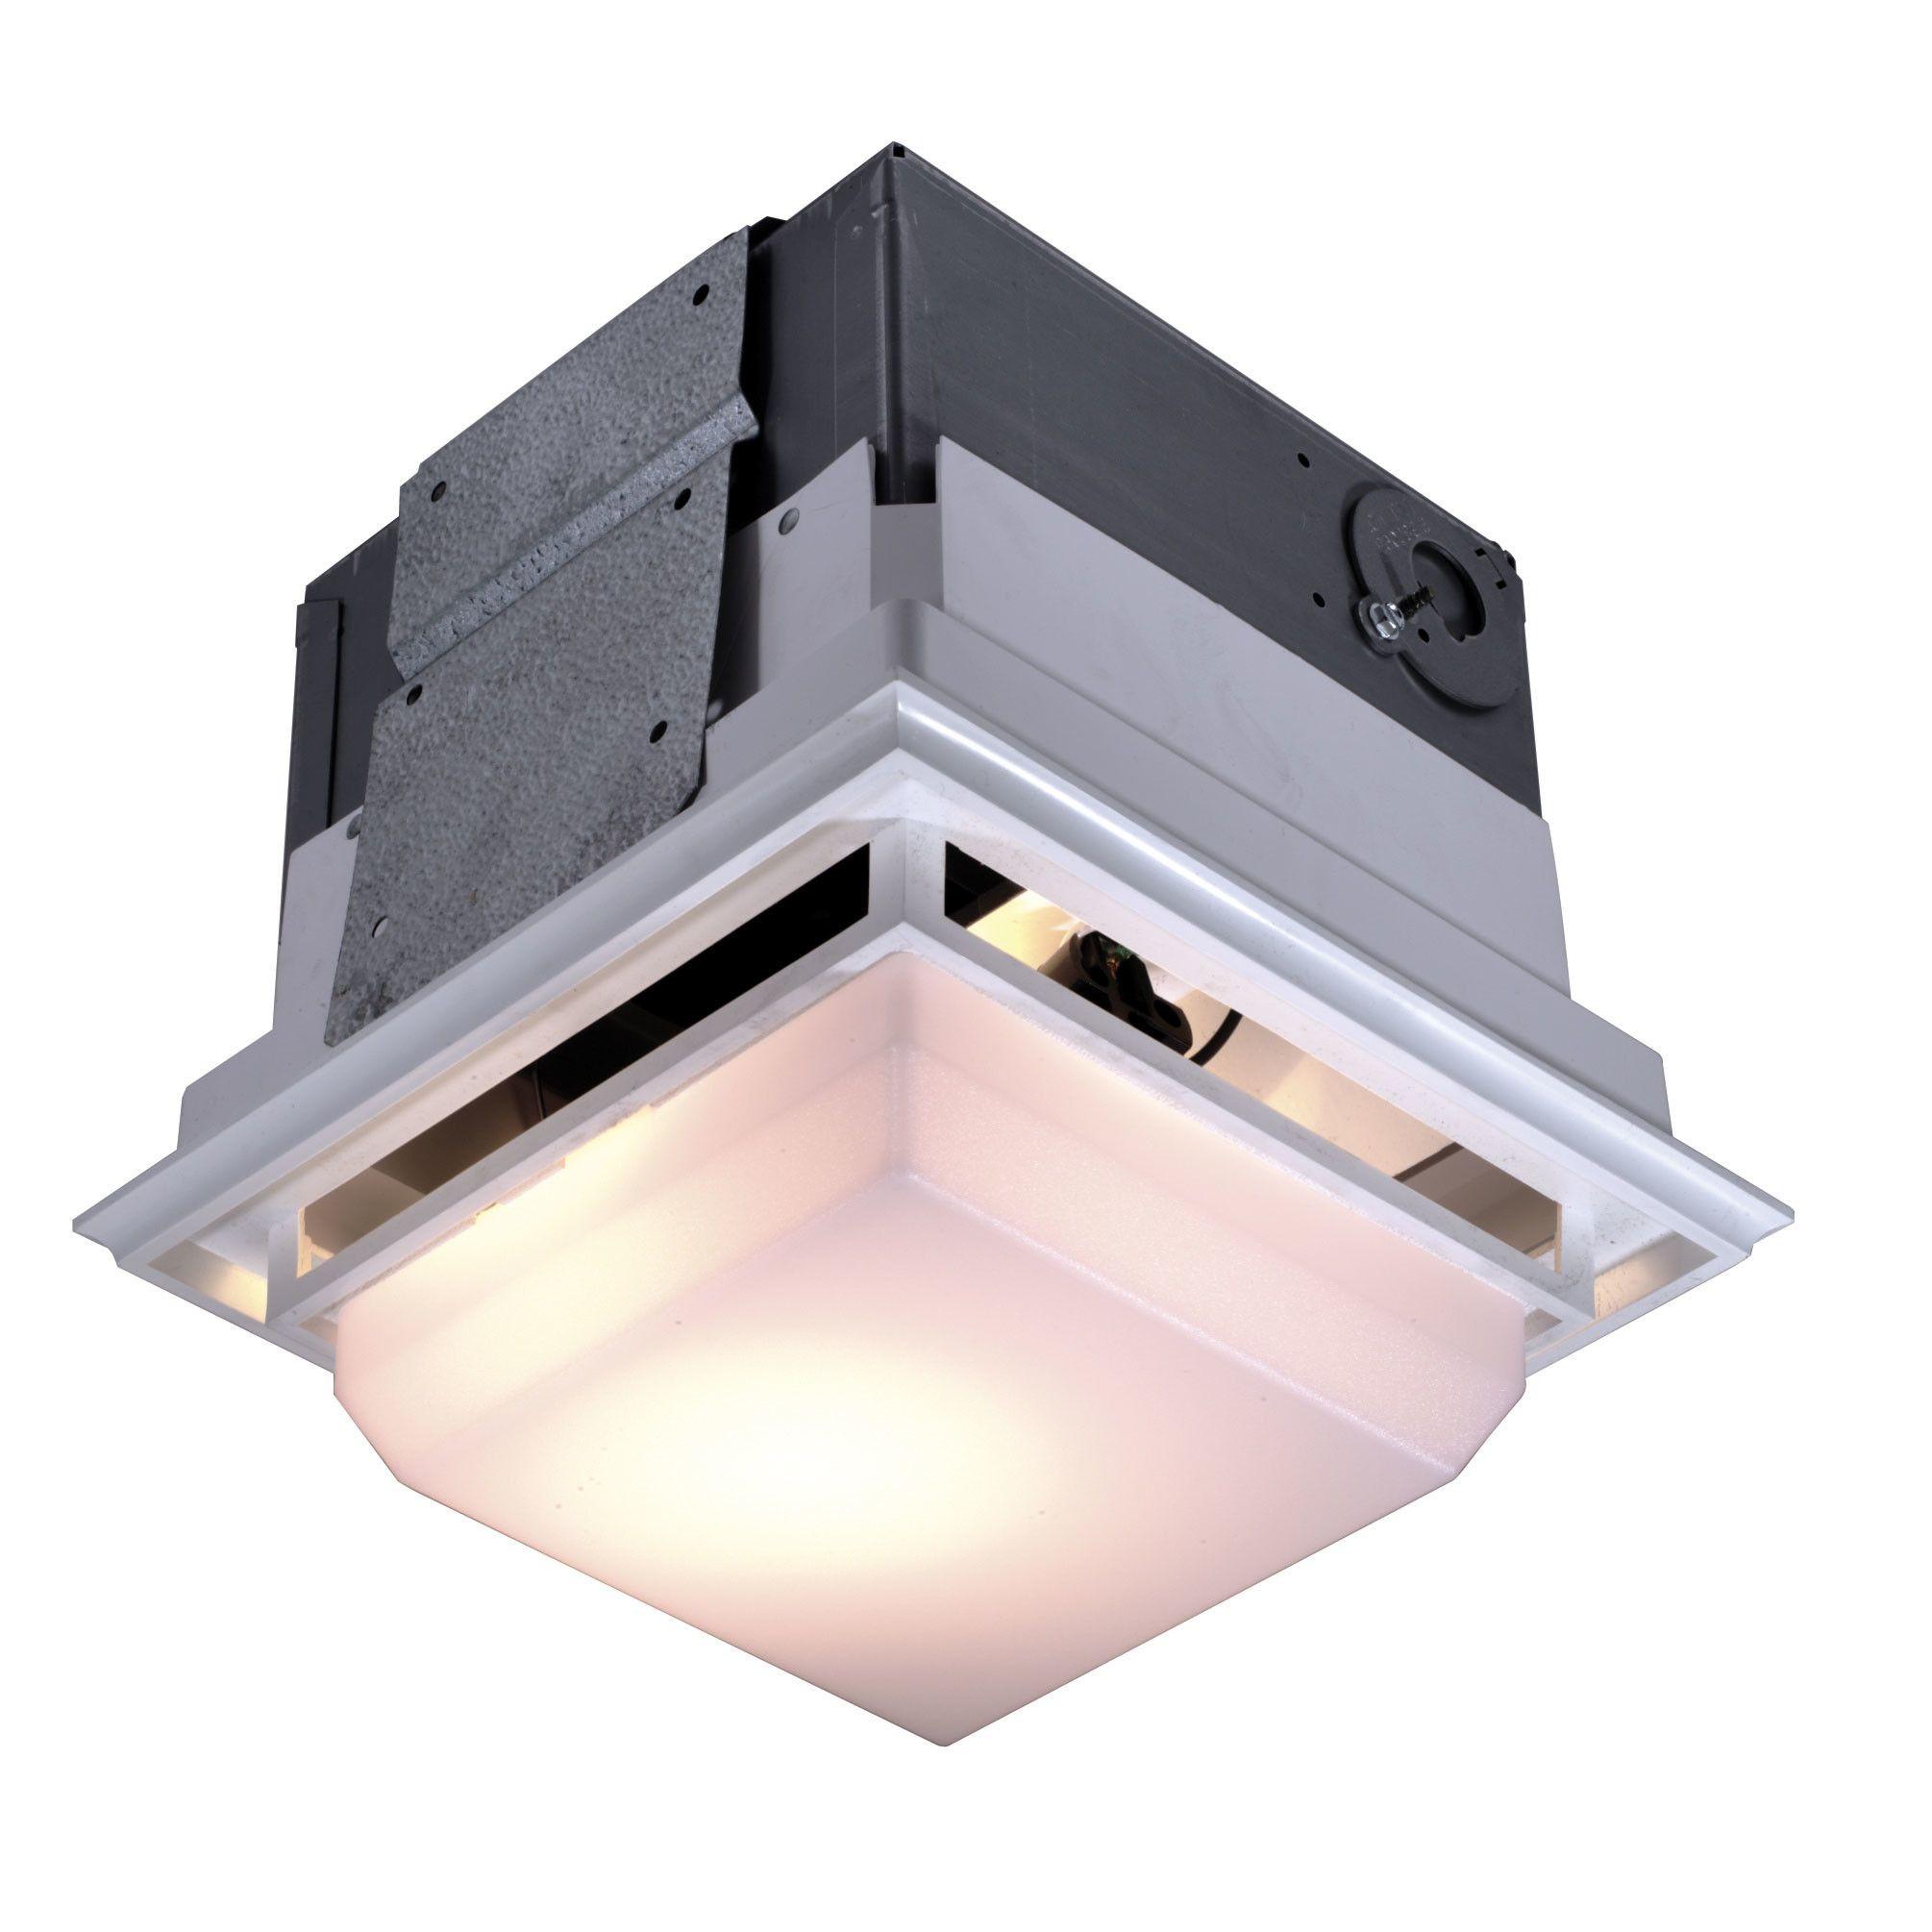 ventless bathroom fan with light finest latest posts under bathroom exhaust fan with light pattern - Ventless Bathroom Fan